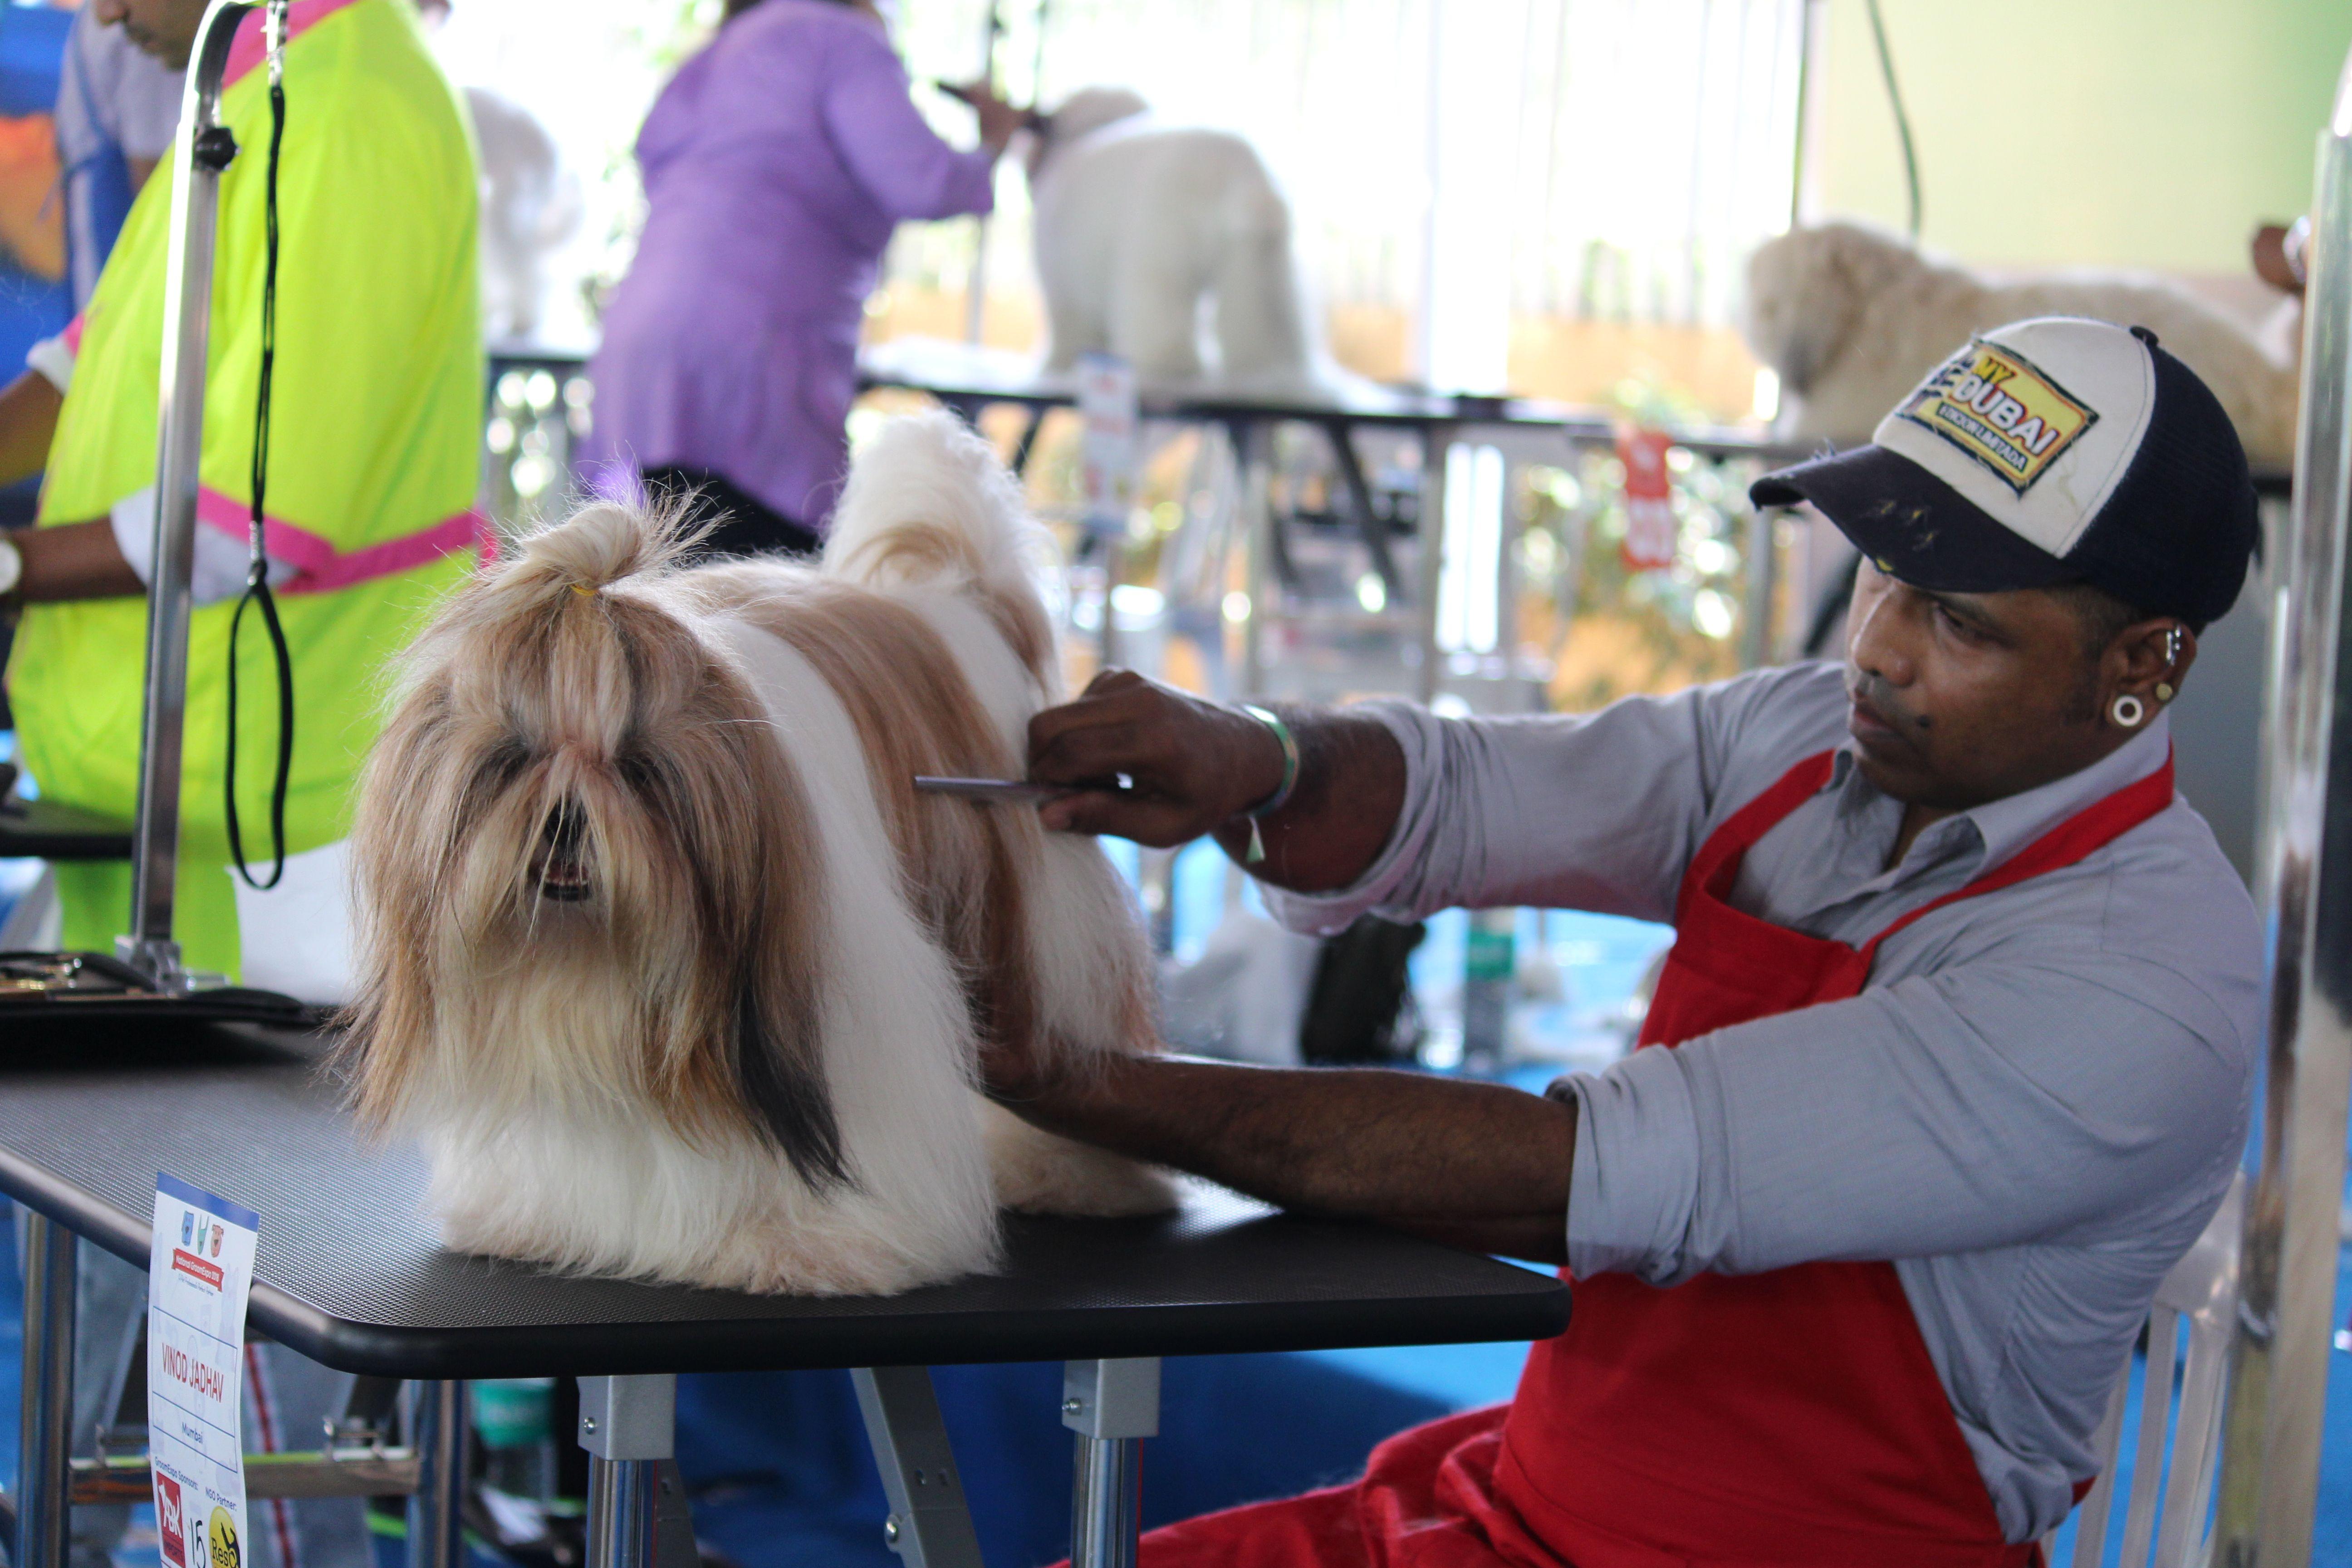 Andis Best Dog Grooming Tools Pet Grooming Tools Grooming Tools Dog Grooming Tools